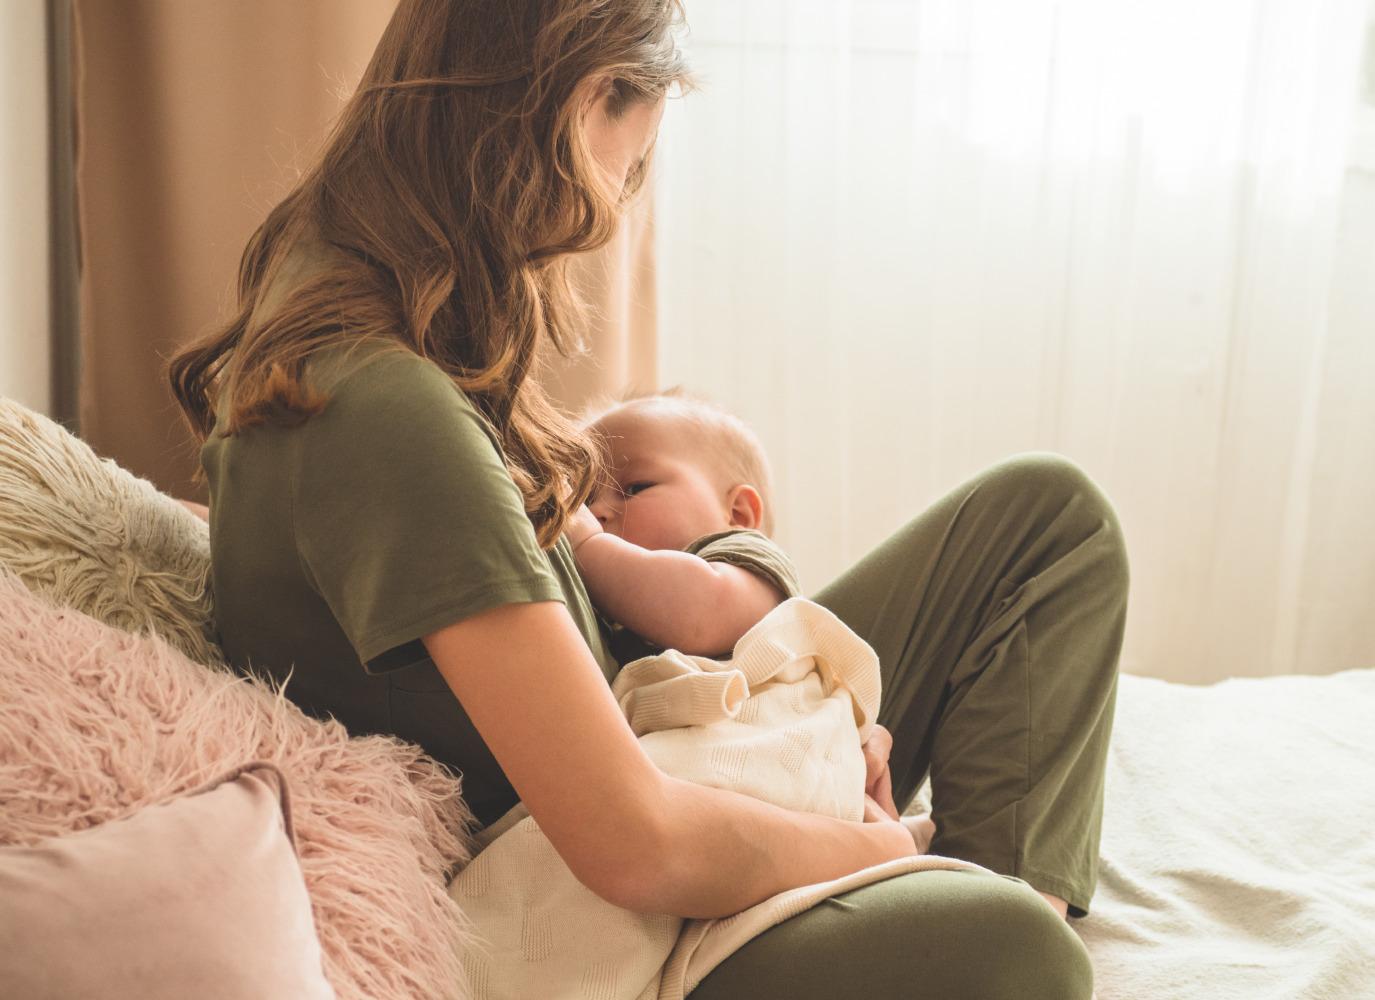 Cách bế trẻ sơ sinh cho bú chuẩn nhất theo bác sĩ